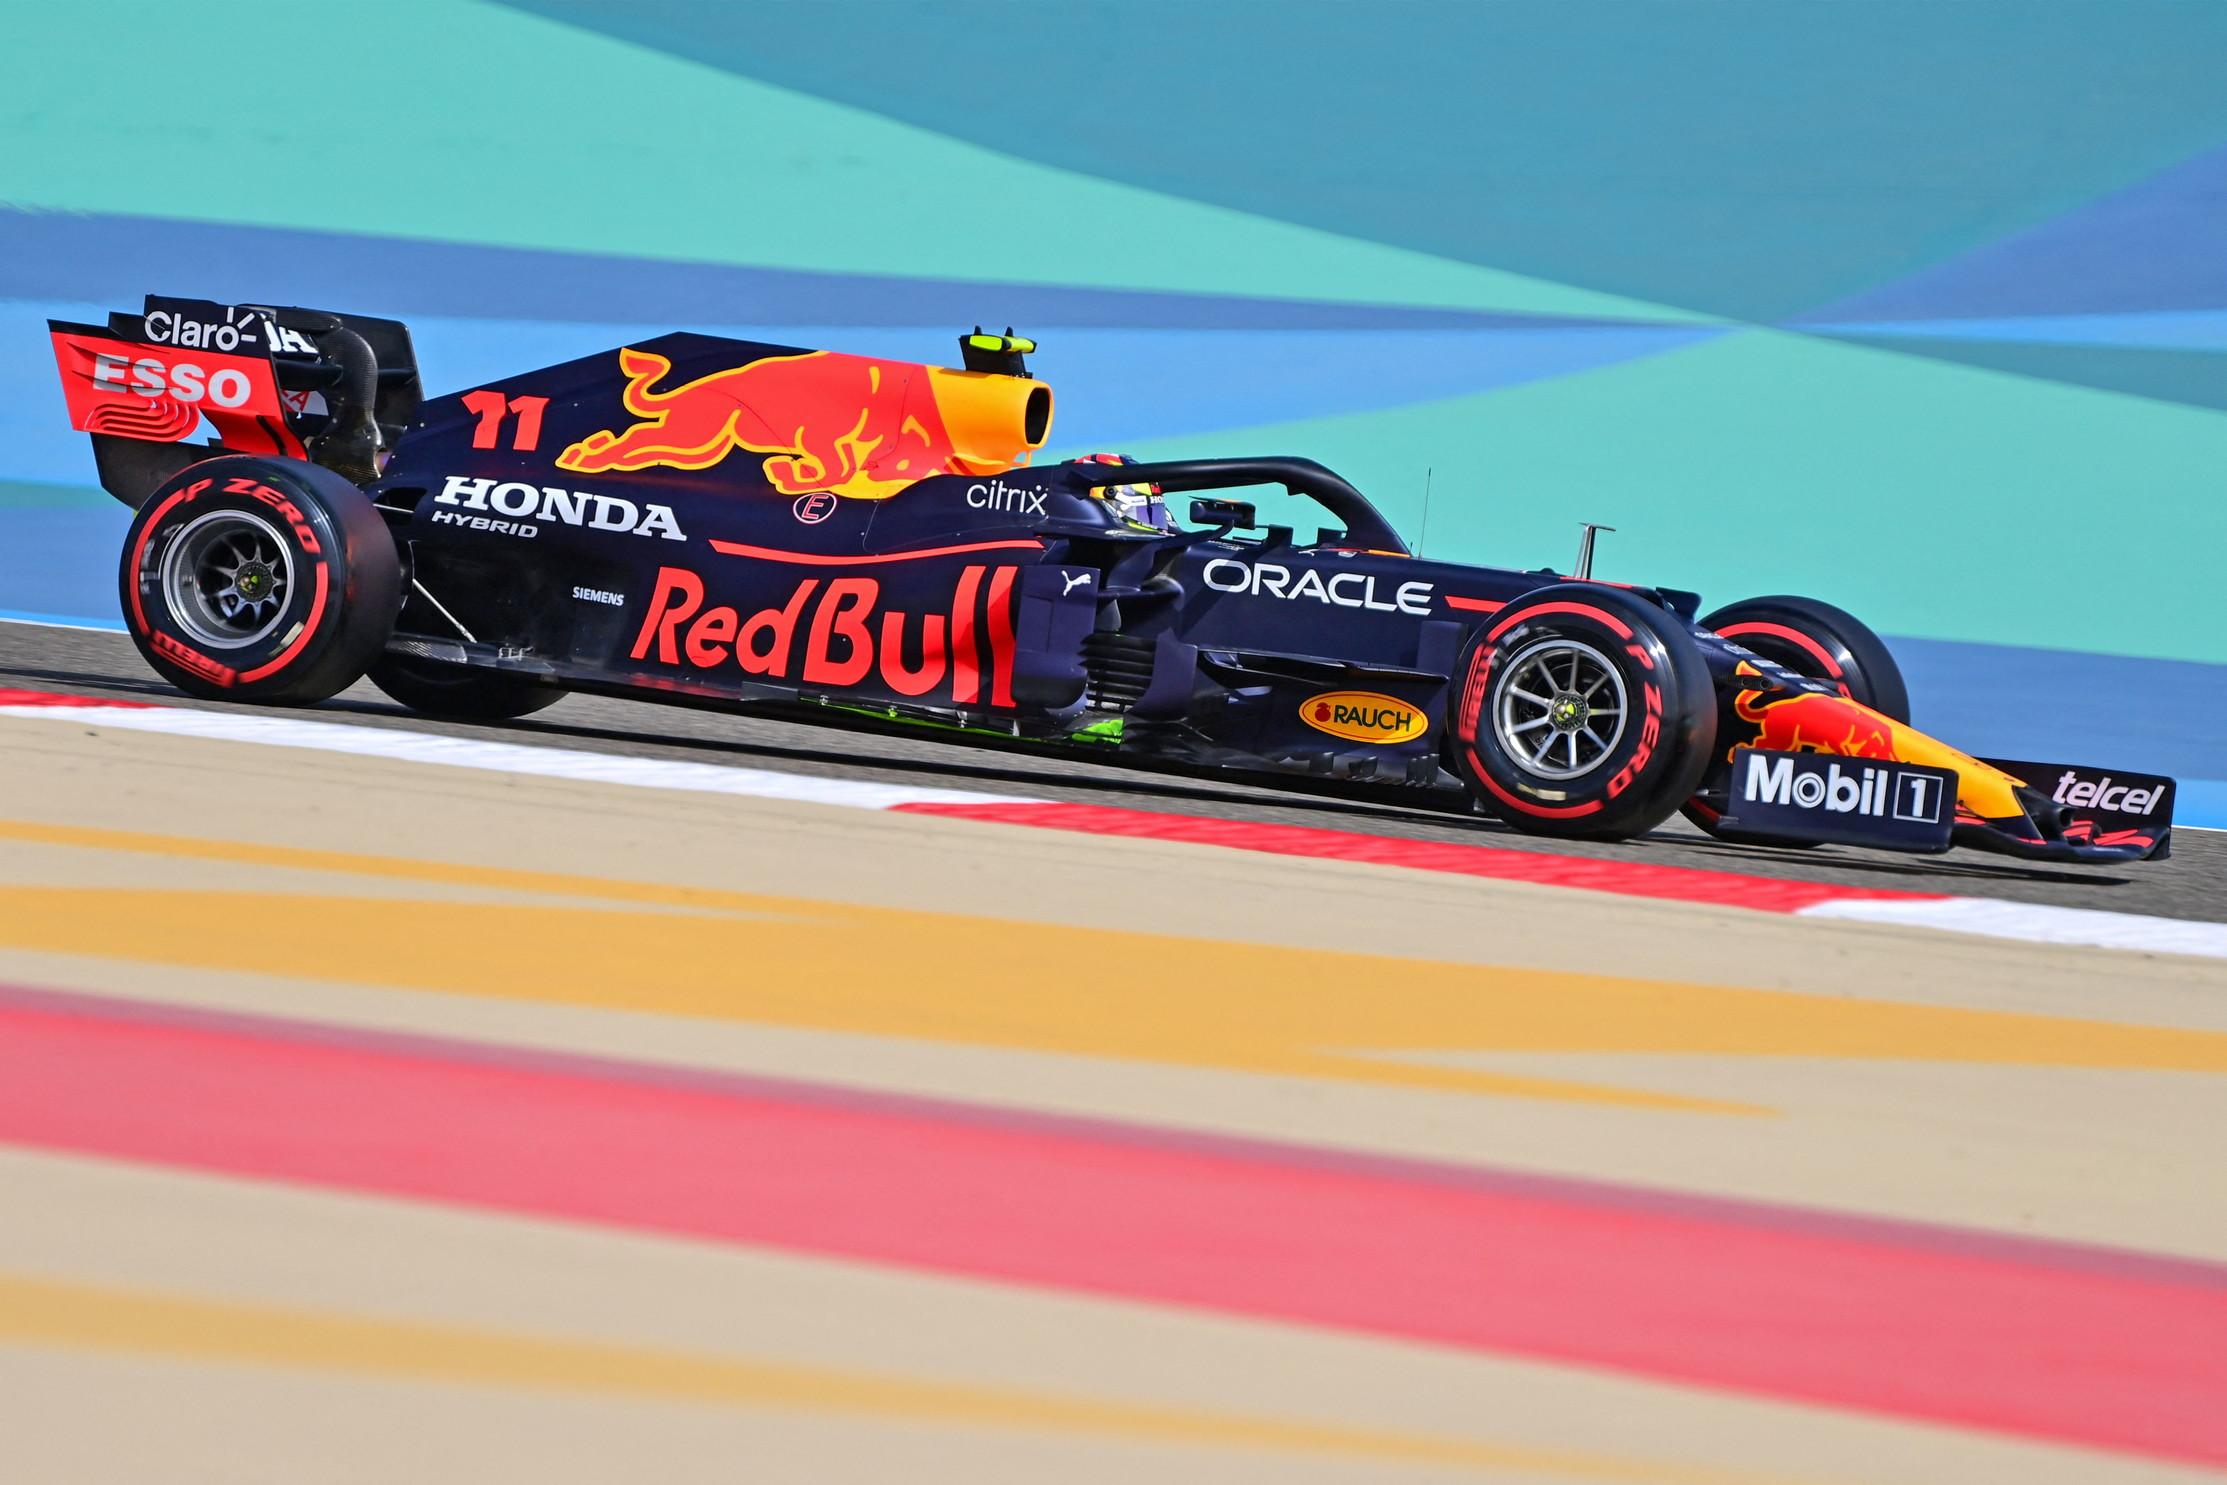 Prima giornata di prove libere nel segno di Max Verstappen a Sakhir, prima tappa del mondiale di Formula Uno del 2021.<br /><br />